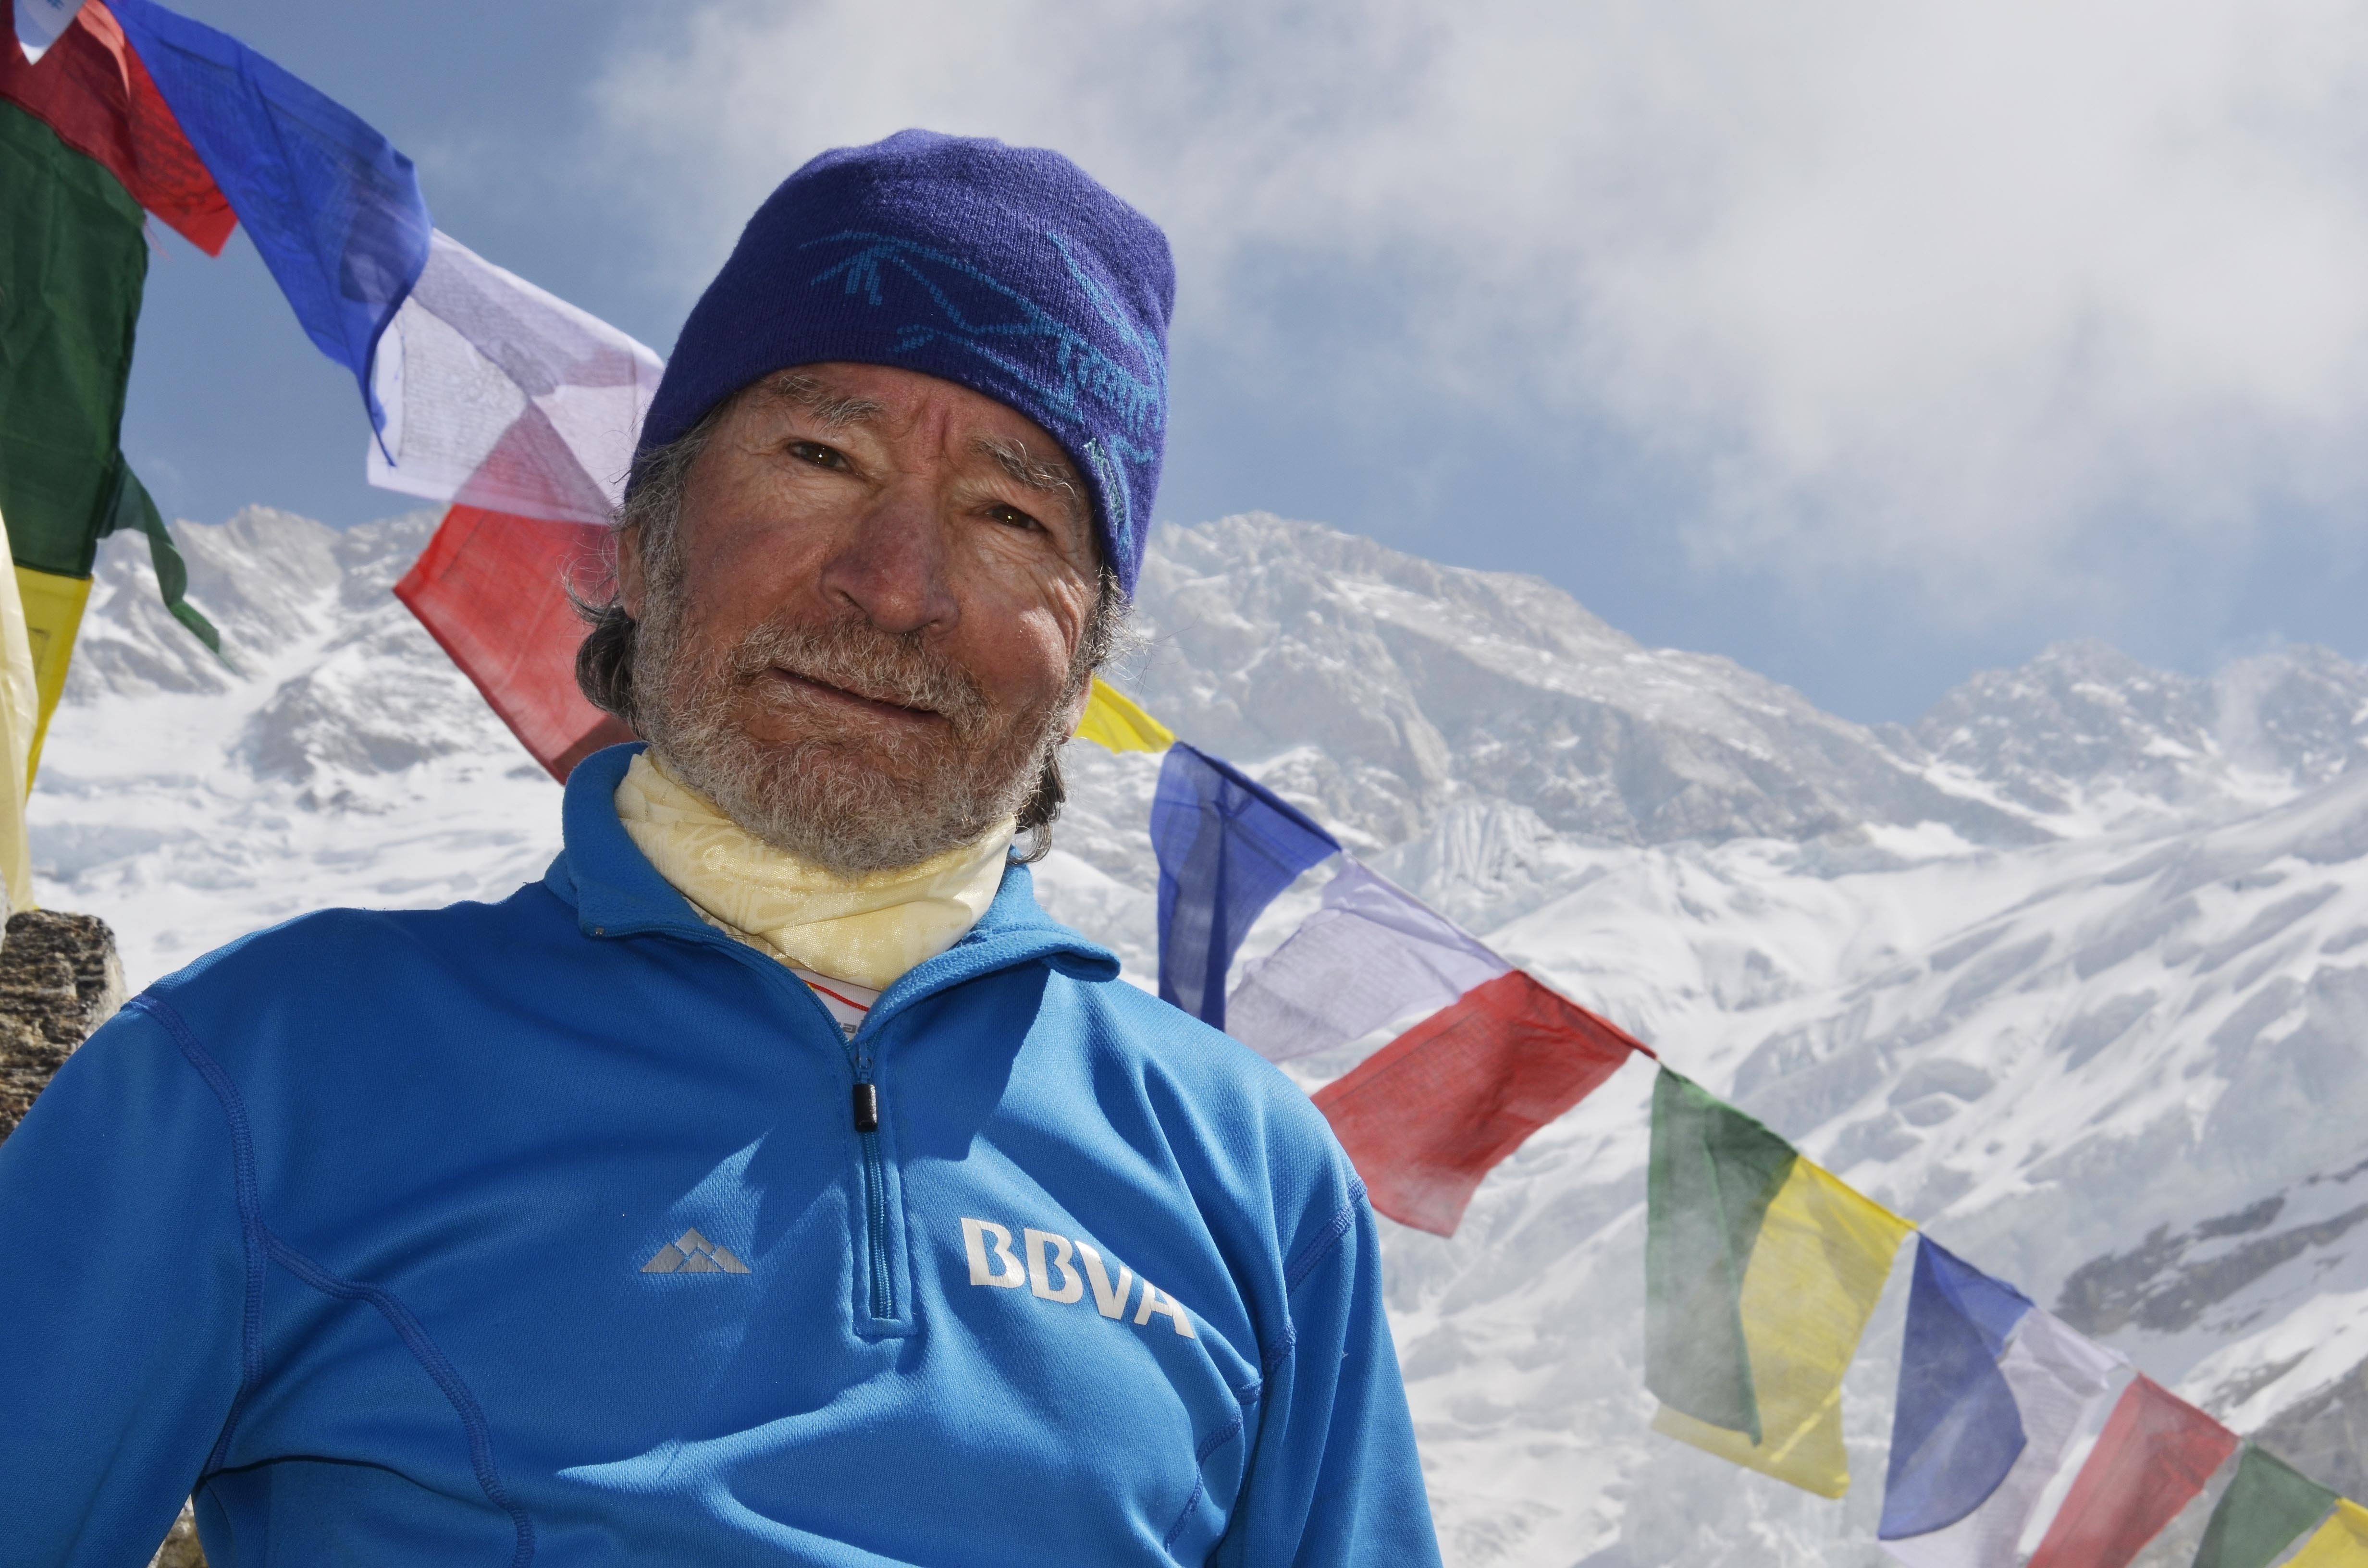 Carlos Soria alcanza los 8.300 metros en su intento de cumbre en el Kanchenjunga